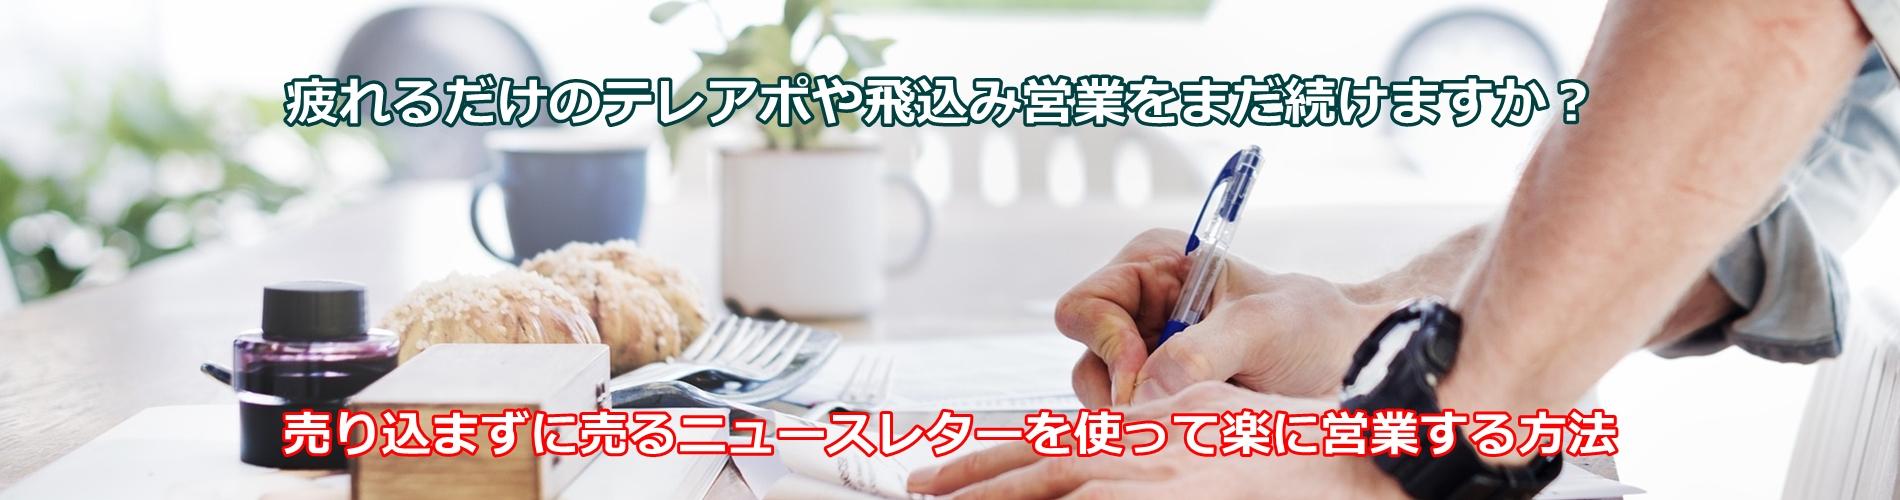 ニュースレター作成代行 大阪